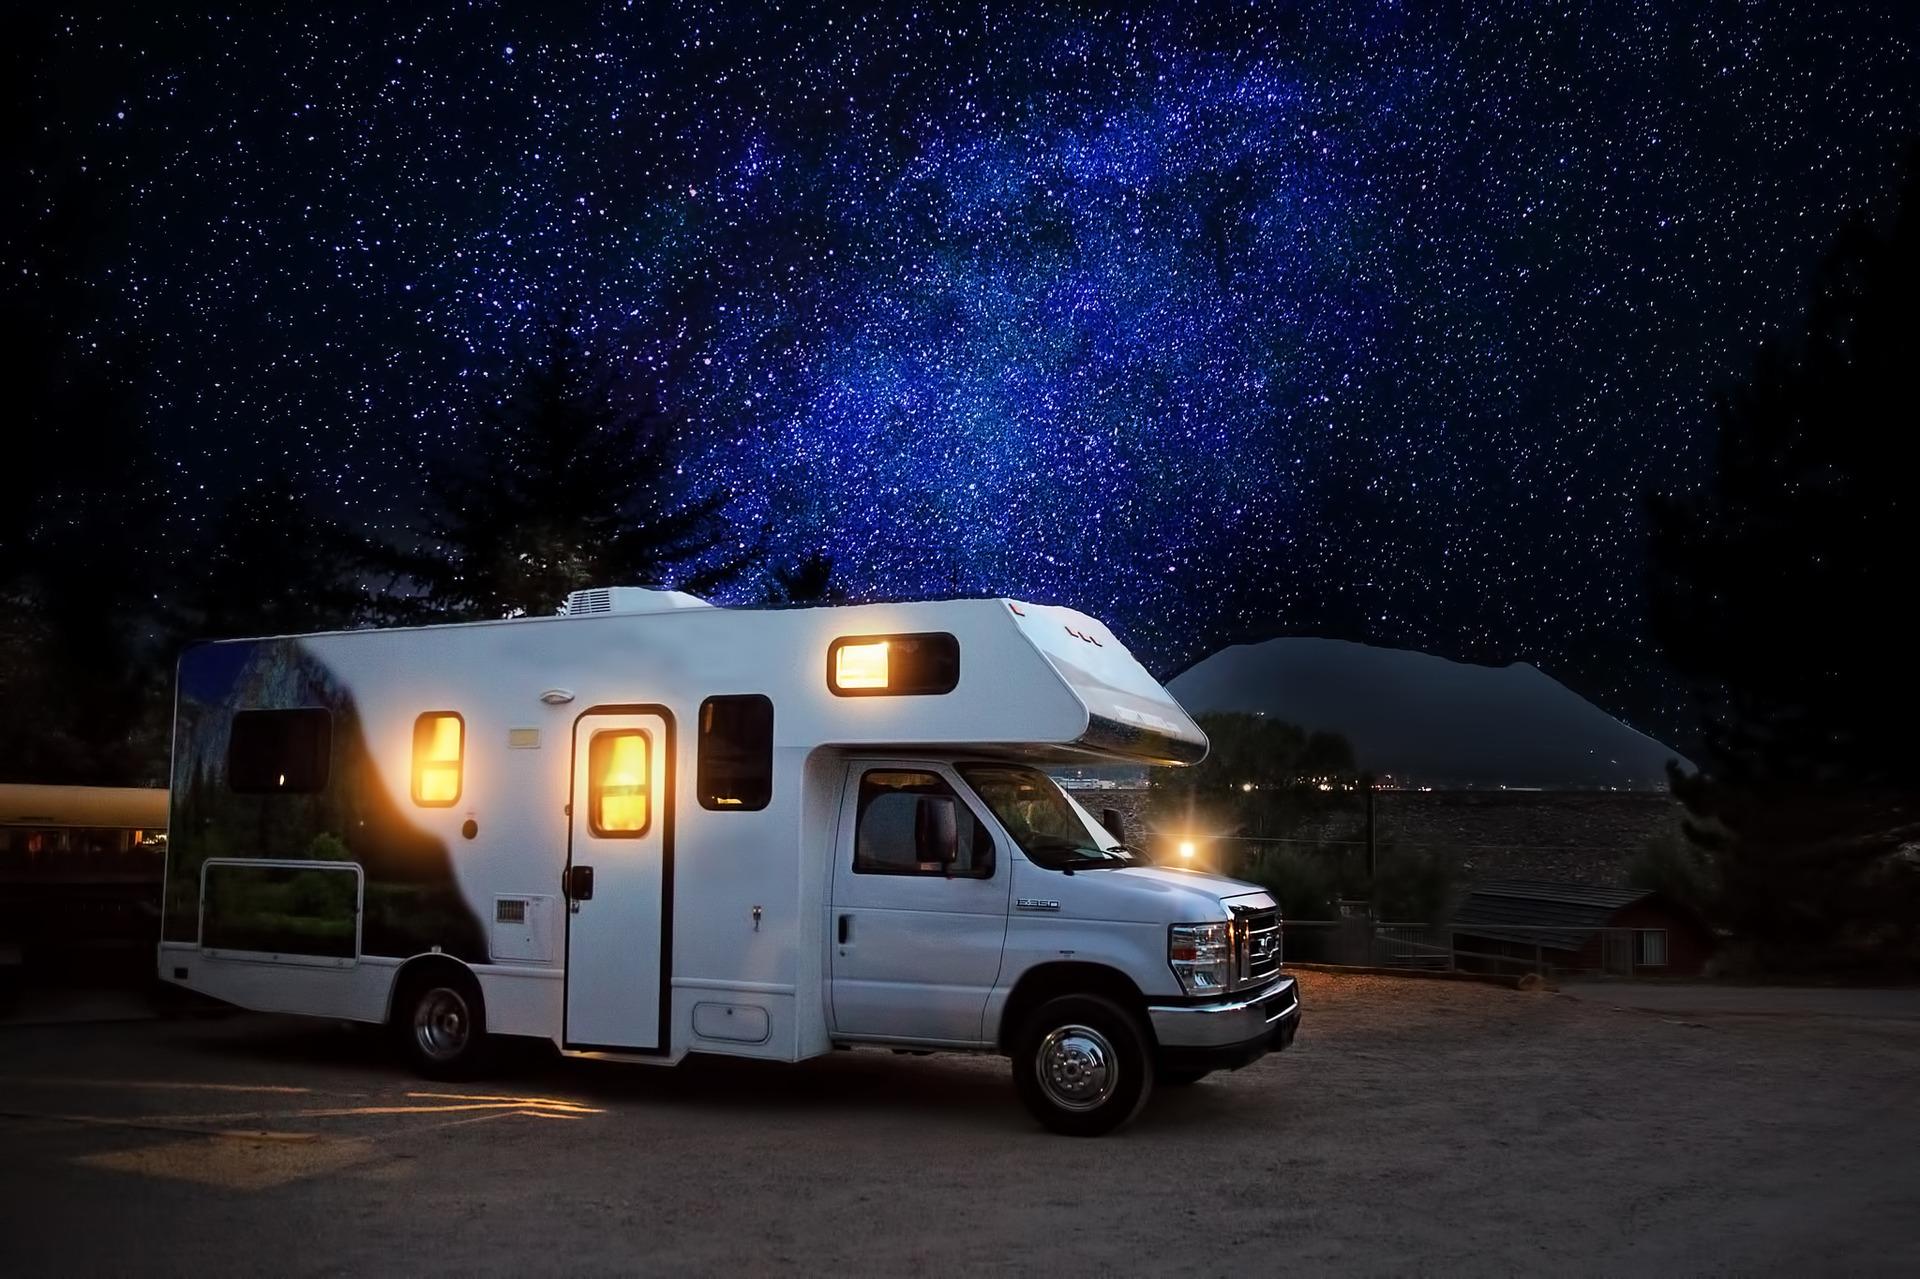 Un autre genre de camping en voiture: conseils pour dormir dans votre voiture